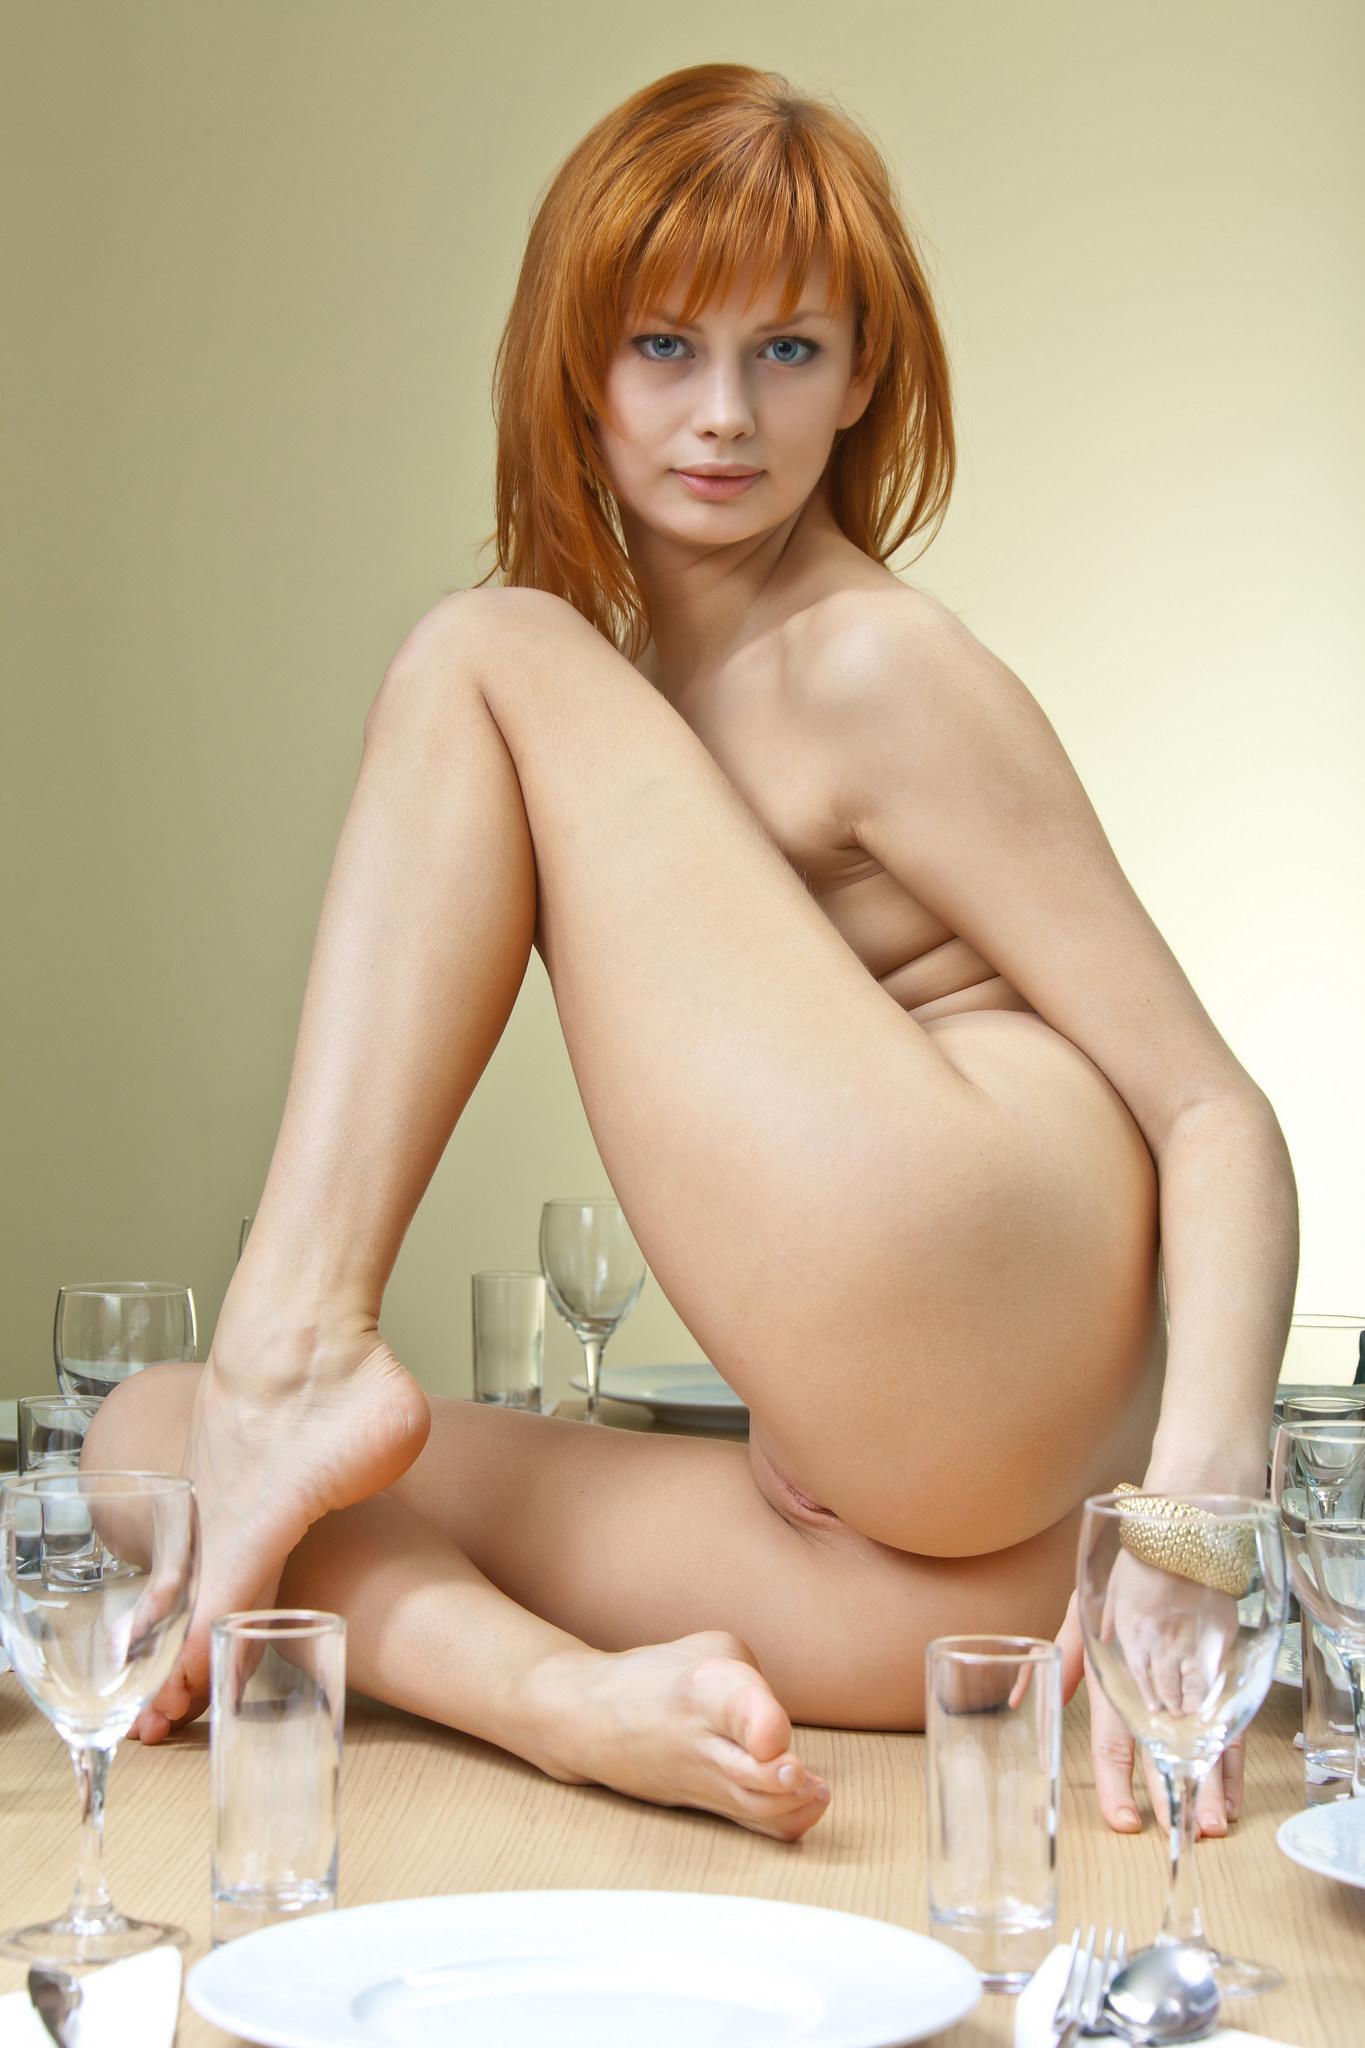 rizhaya-malishka-porno